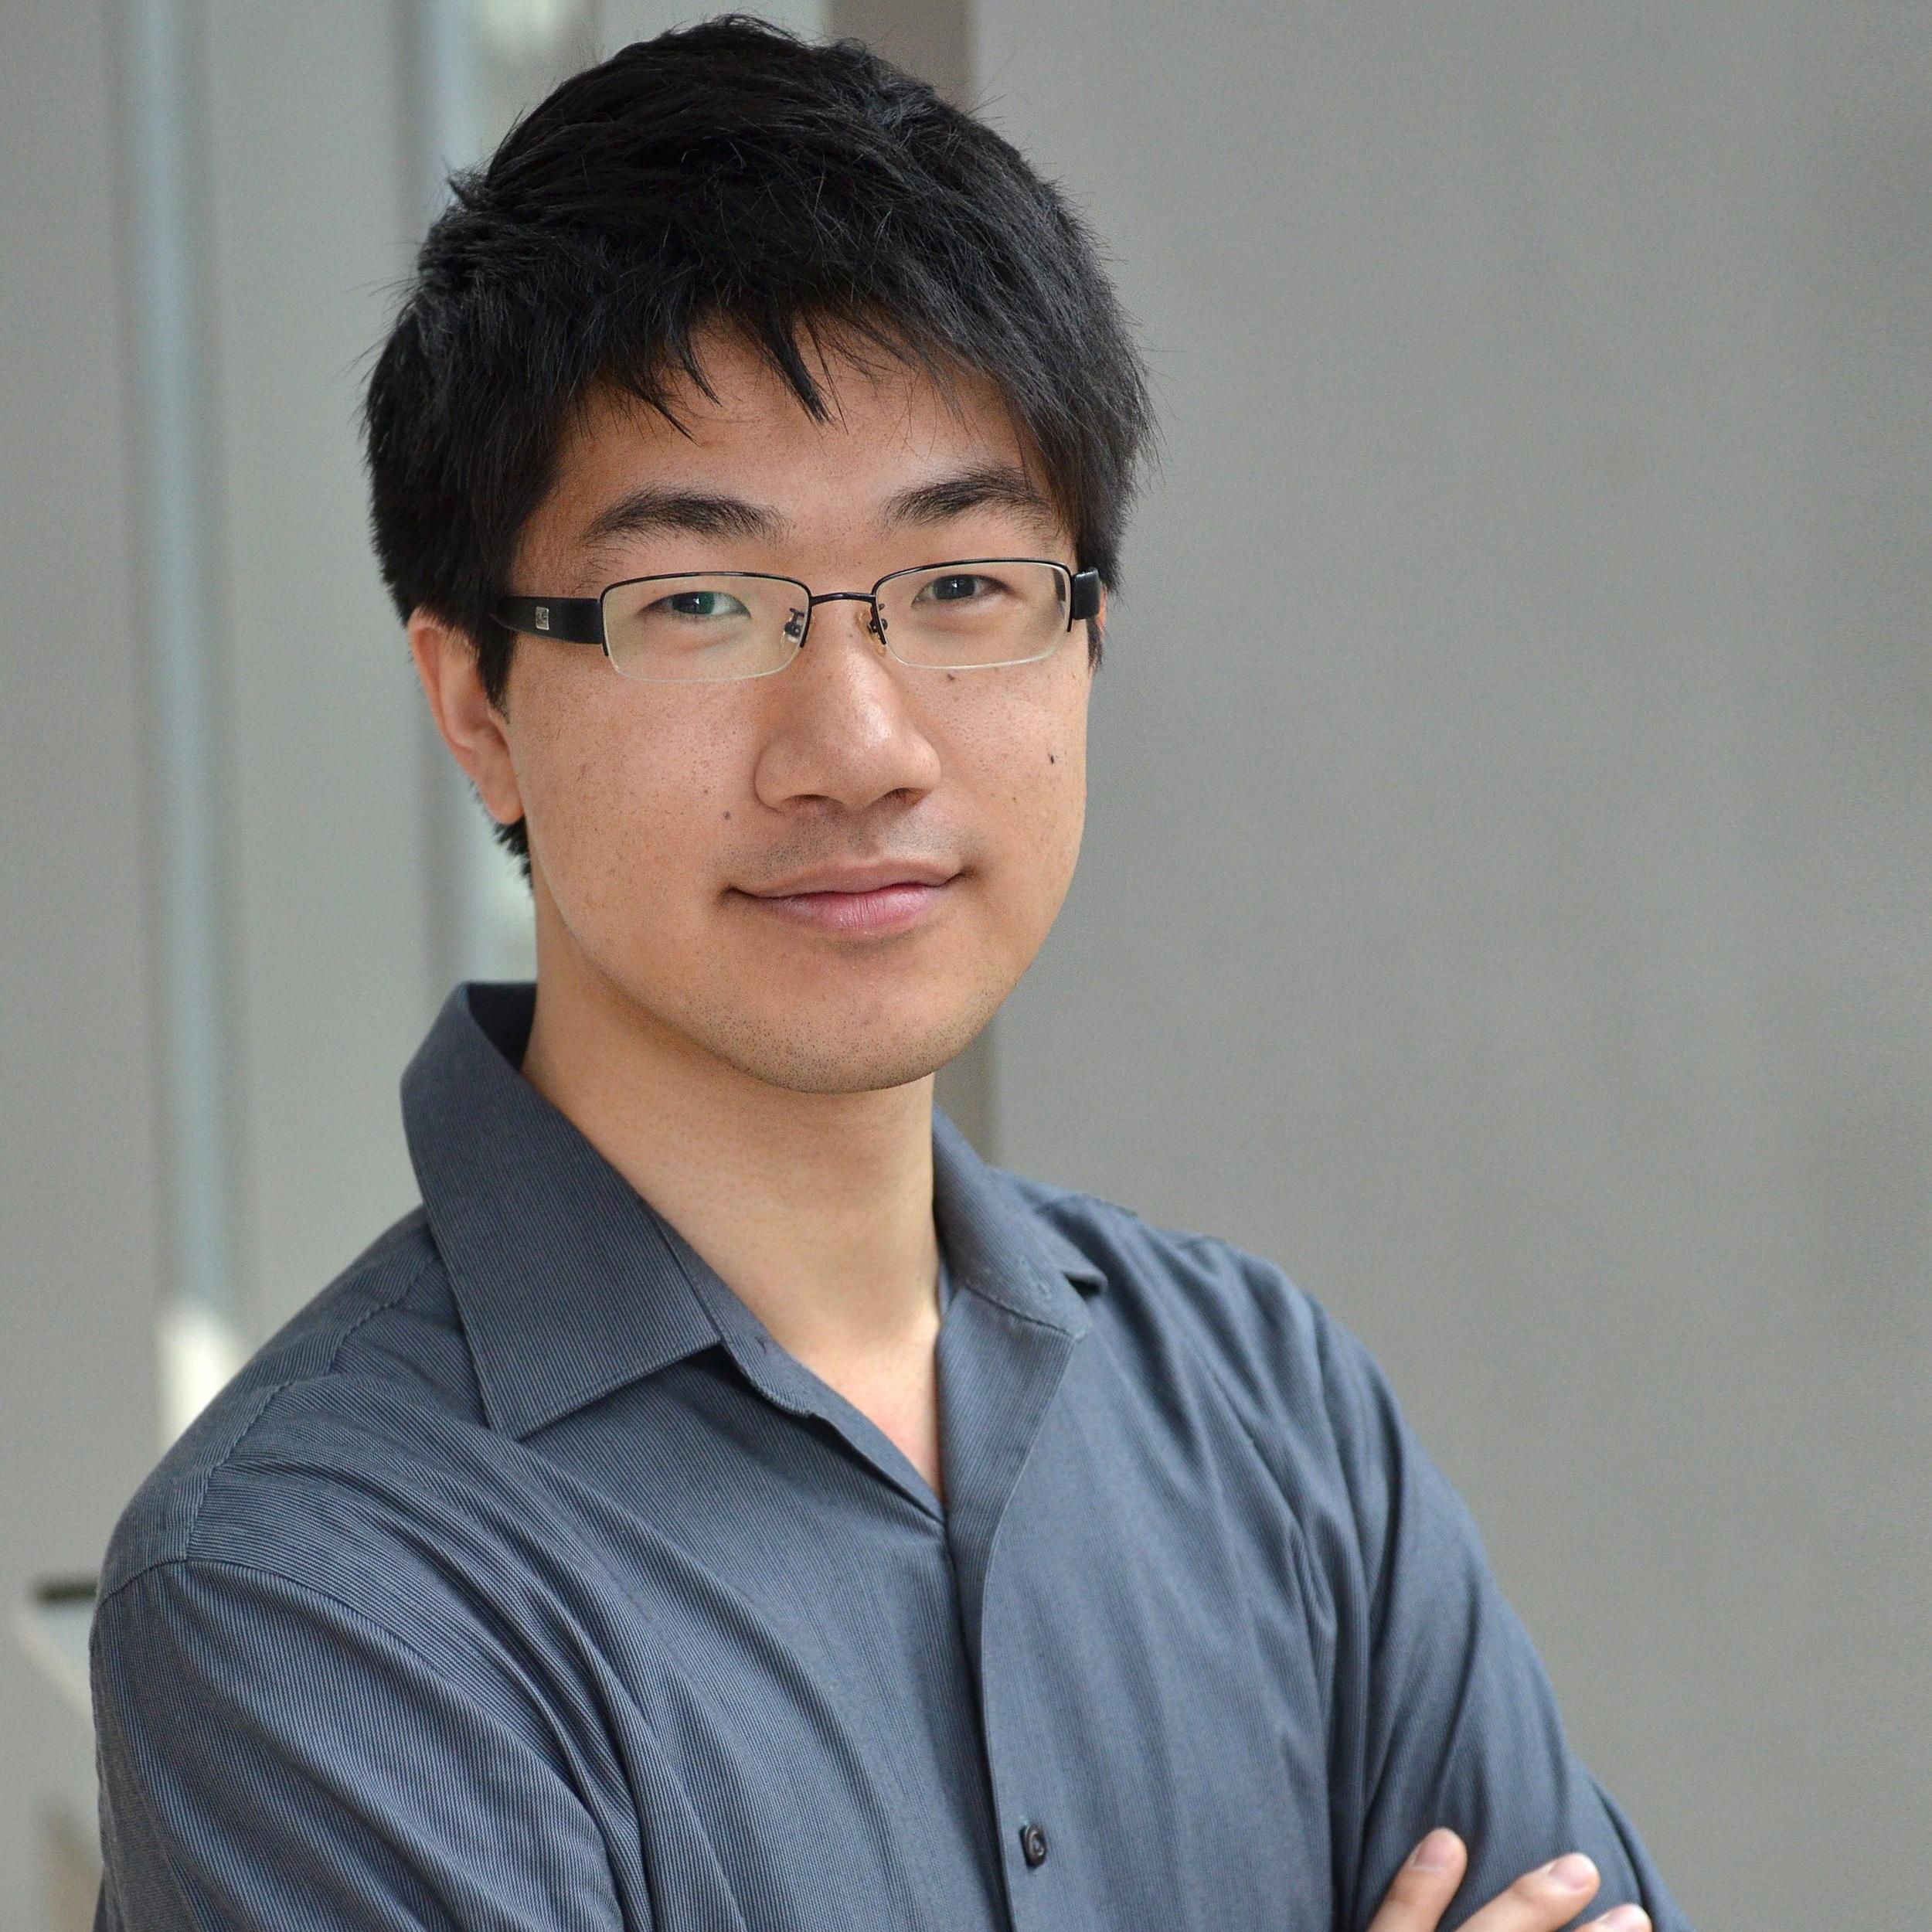 Jaewon Kim , clarinet